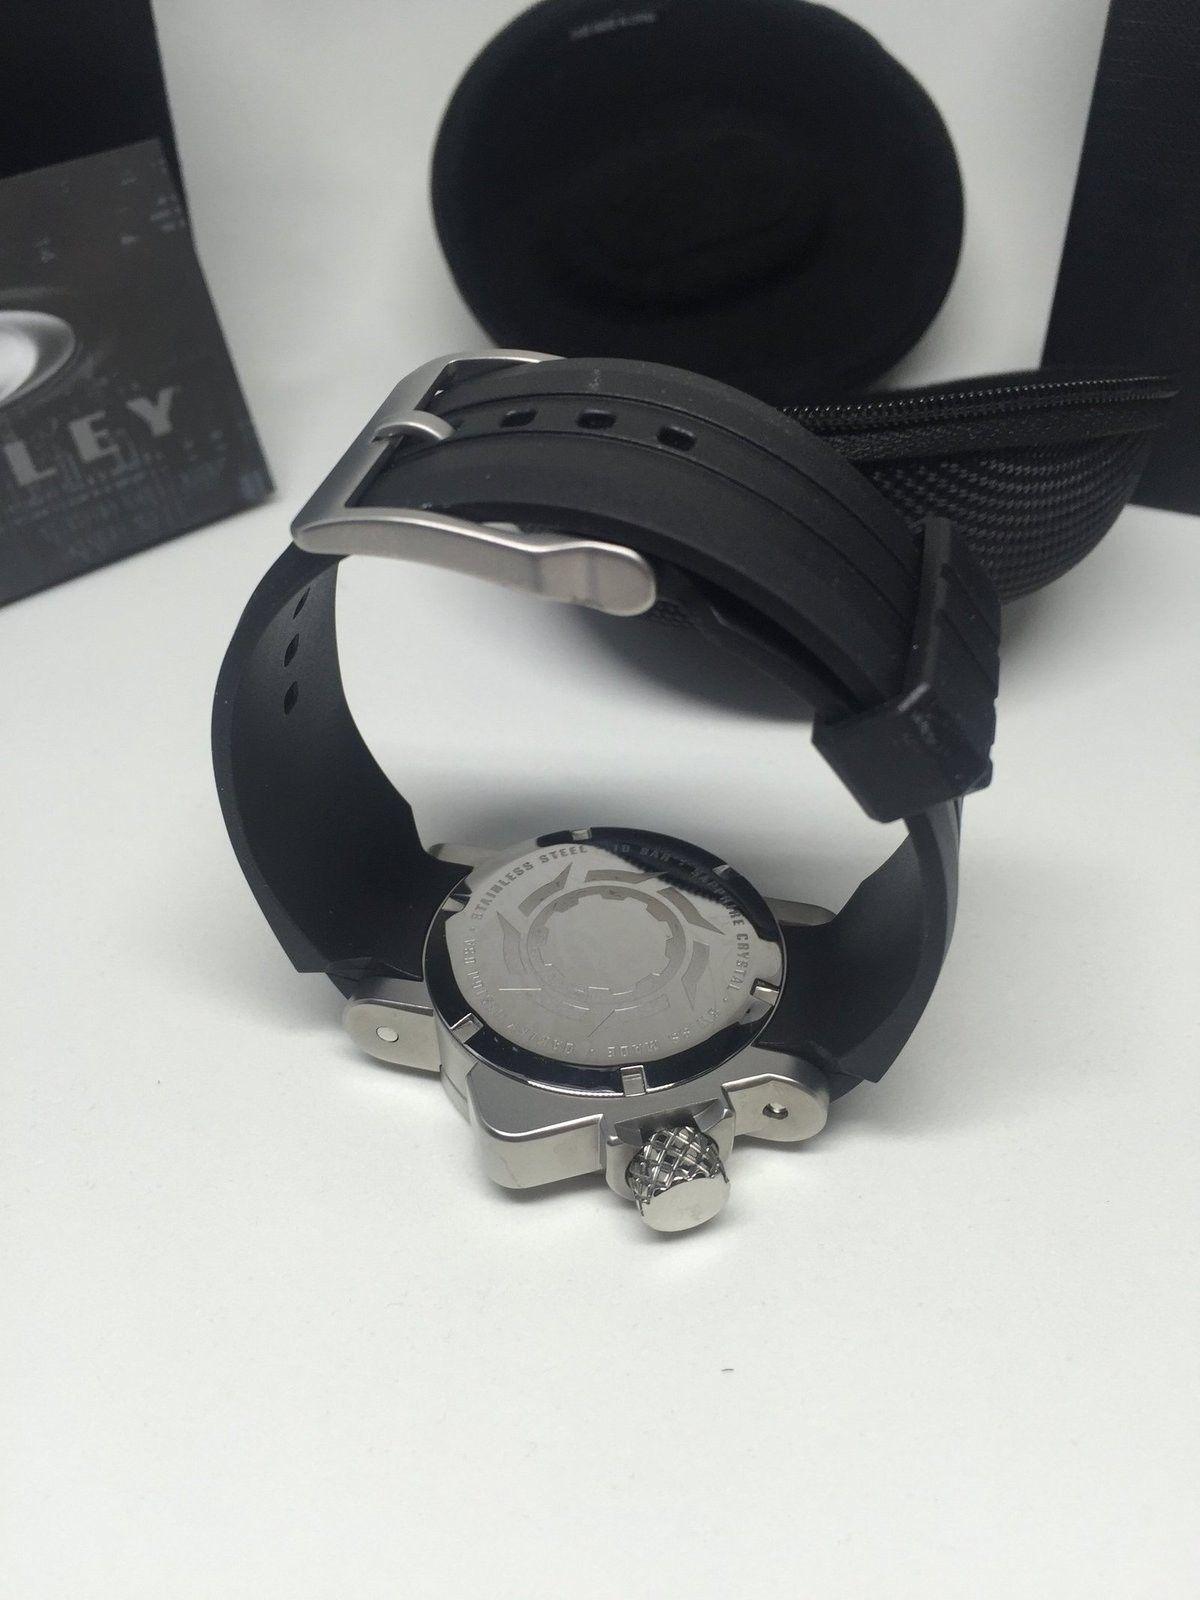 LNIB transfer case watch - IMG_1798[1].JPG